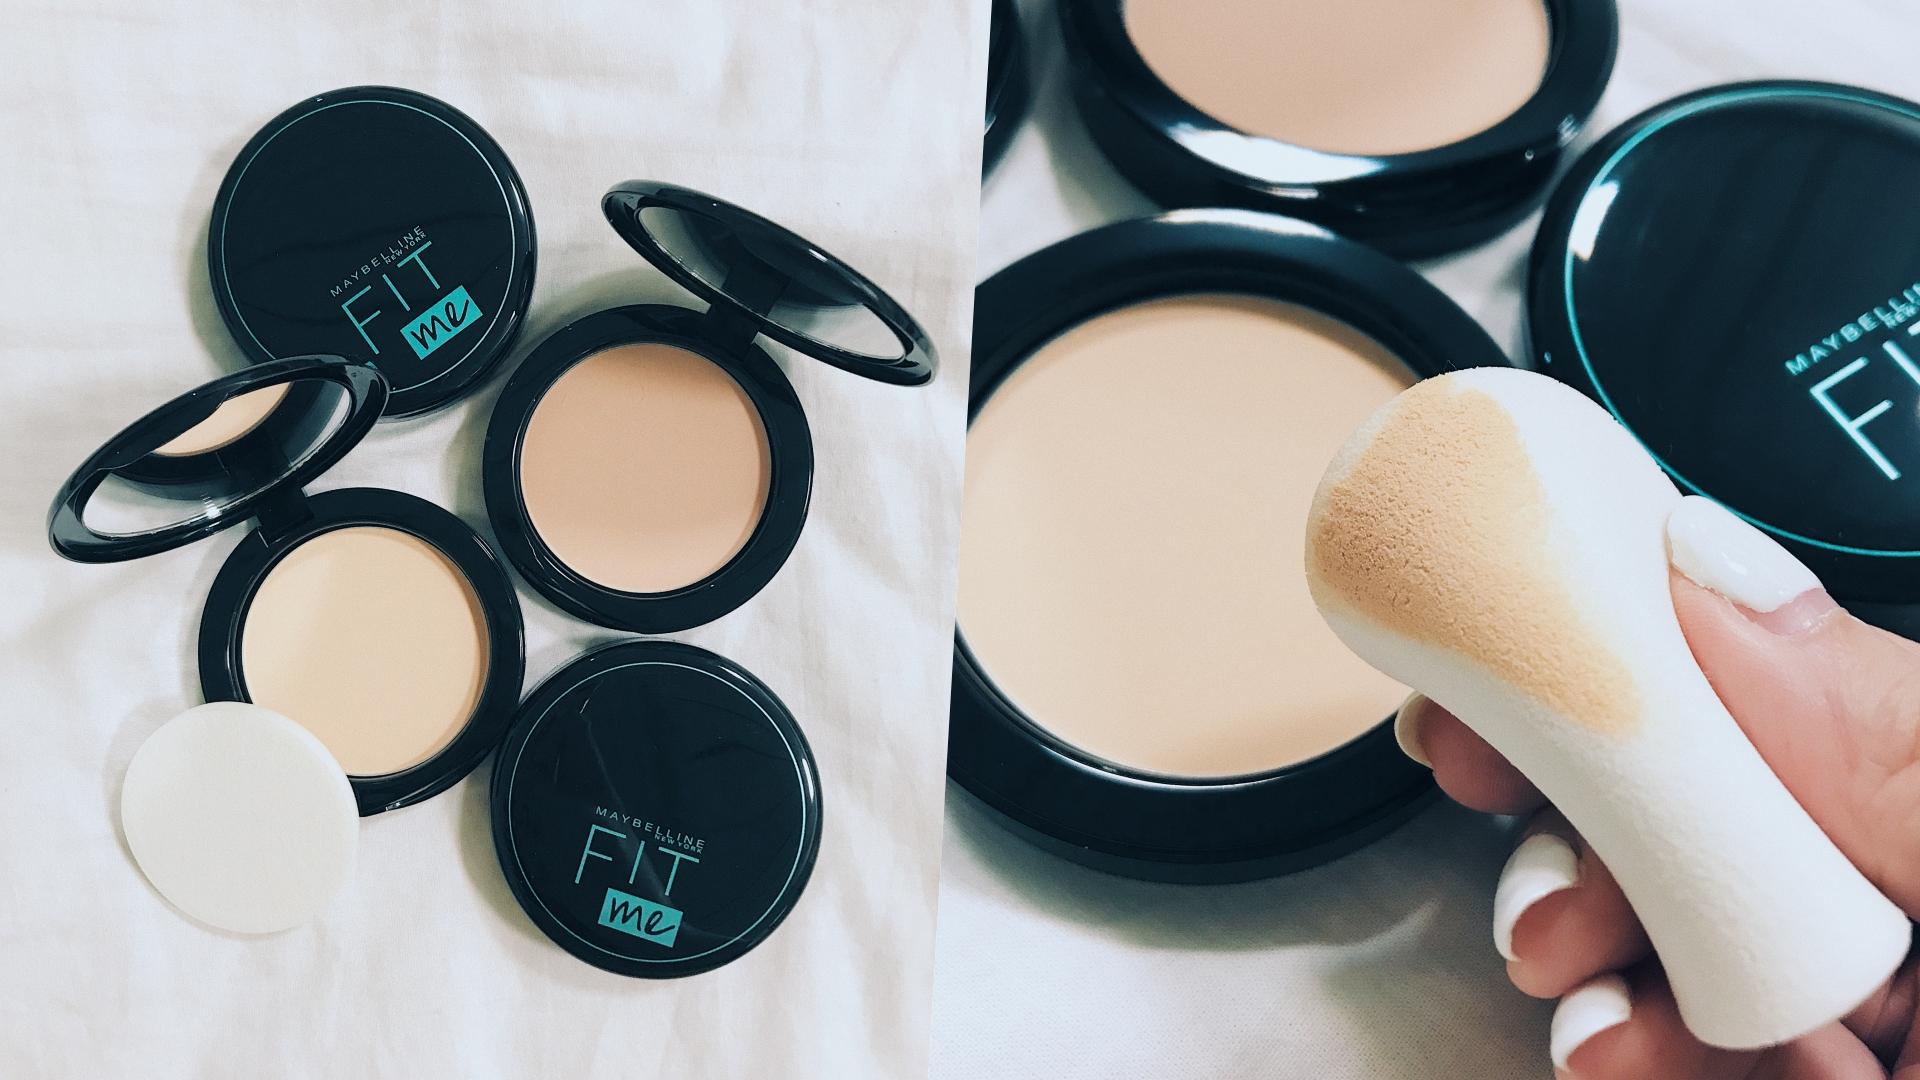 自然空氣粉感,緊密貼合肌膚打造輕裸肌,超細緻粉體一拍柔焦不留痕跡,輕鬆修飾毛孔。